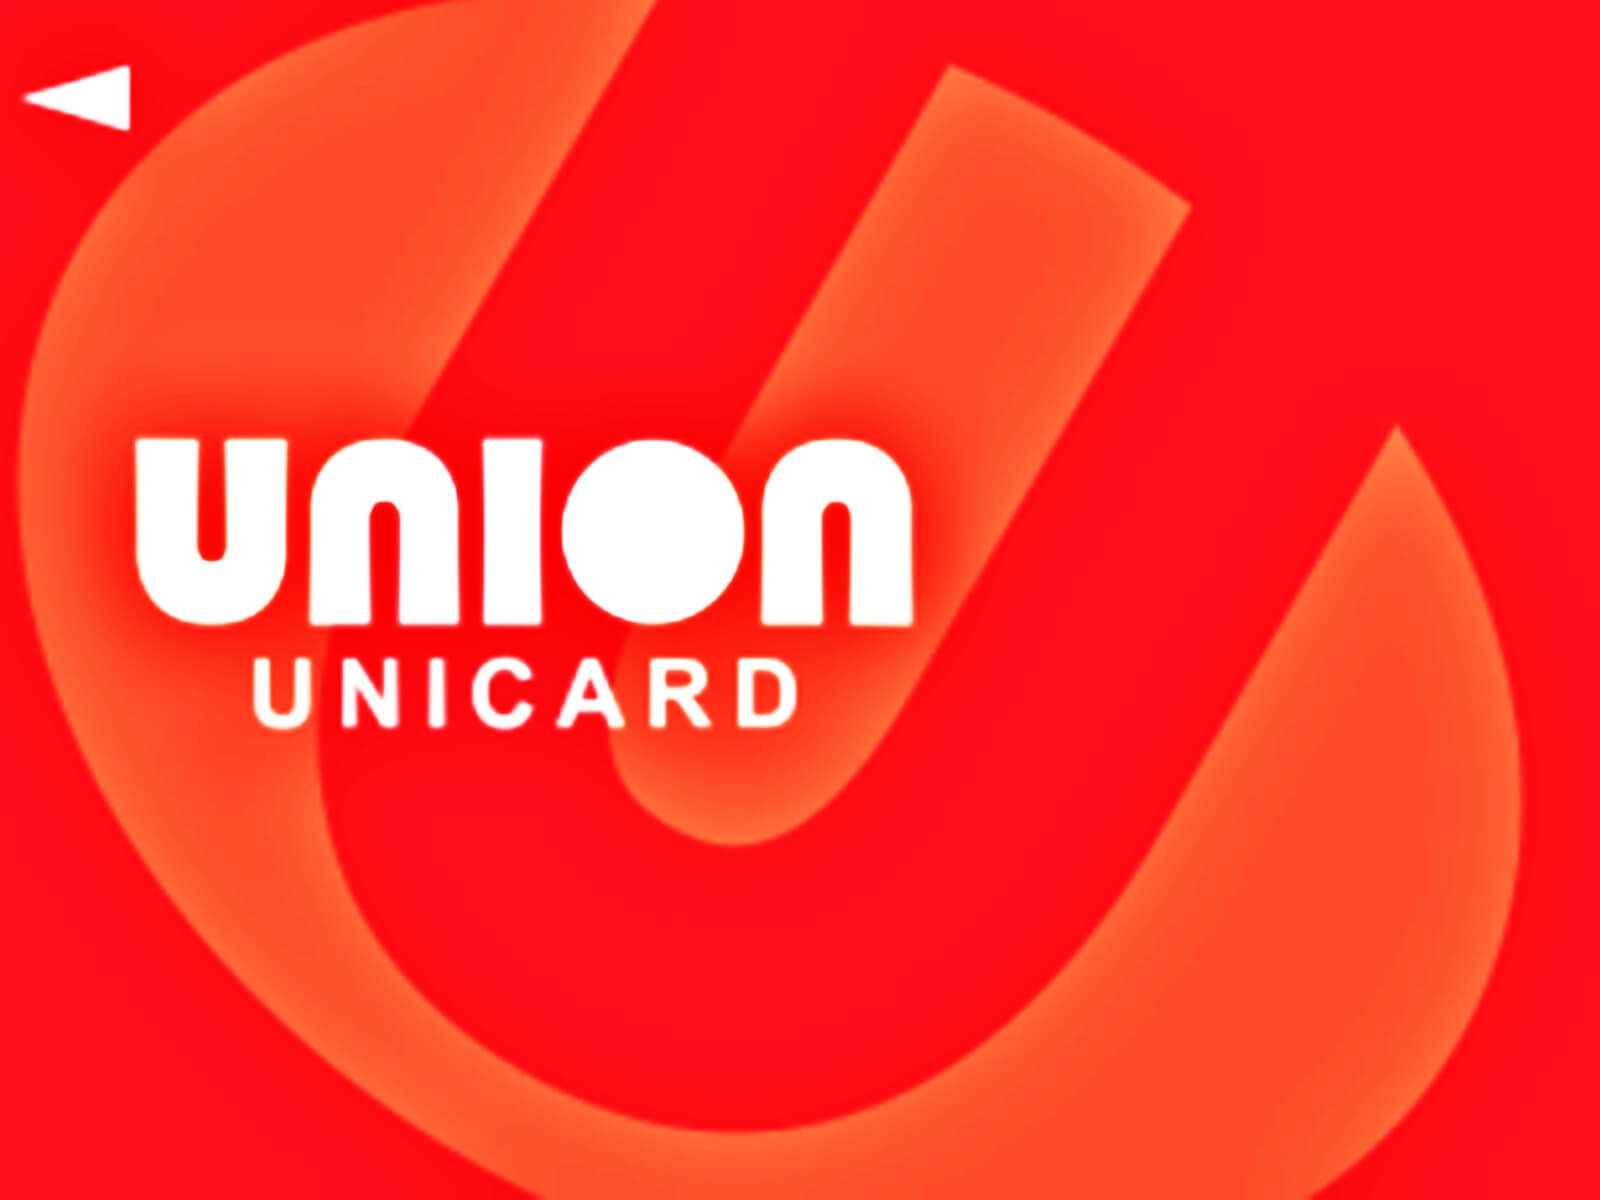 ユニカード(UNICARD)